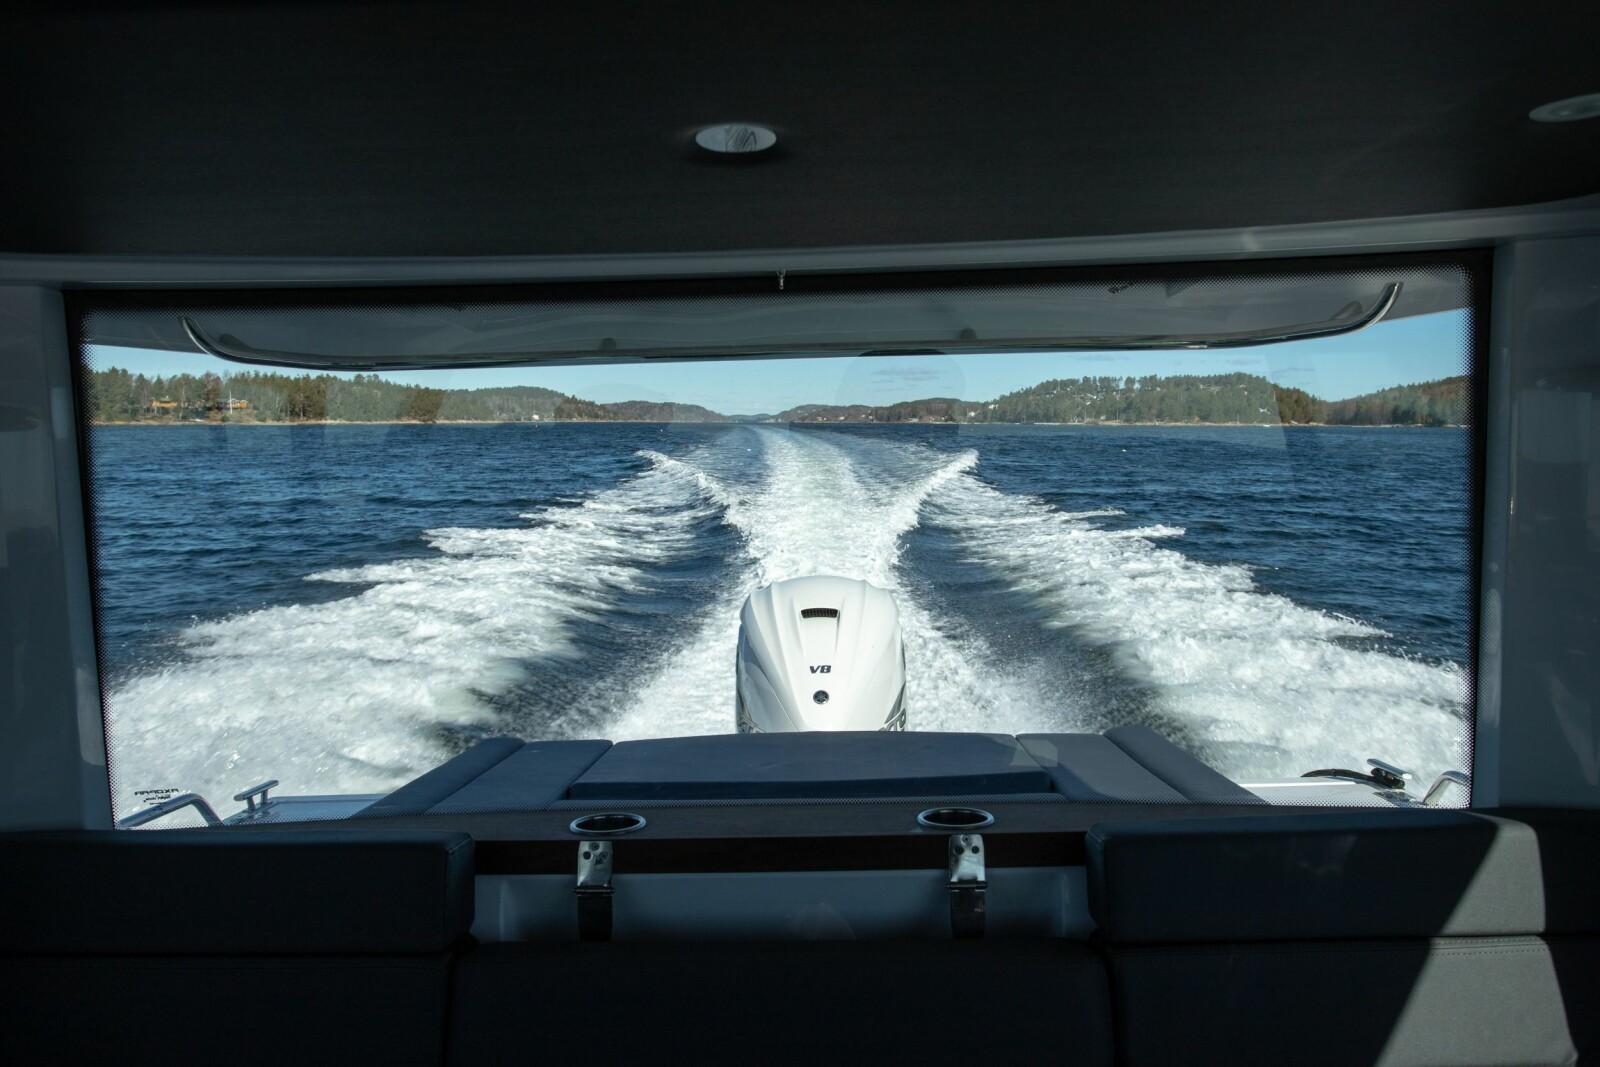 <b>ROM MED UTSIKT:</b> Store vindusflater preger båten. Her med F425 XTO gjennom aktervinduet.